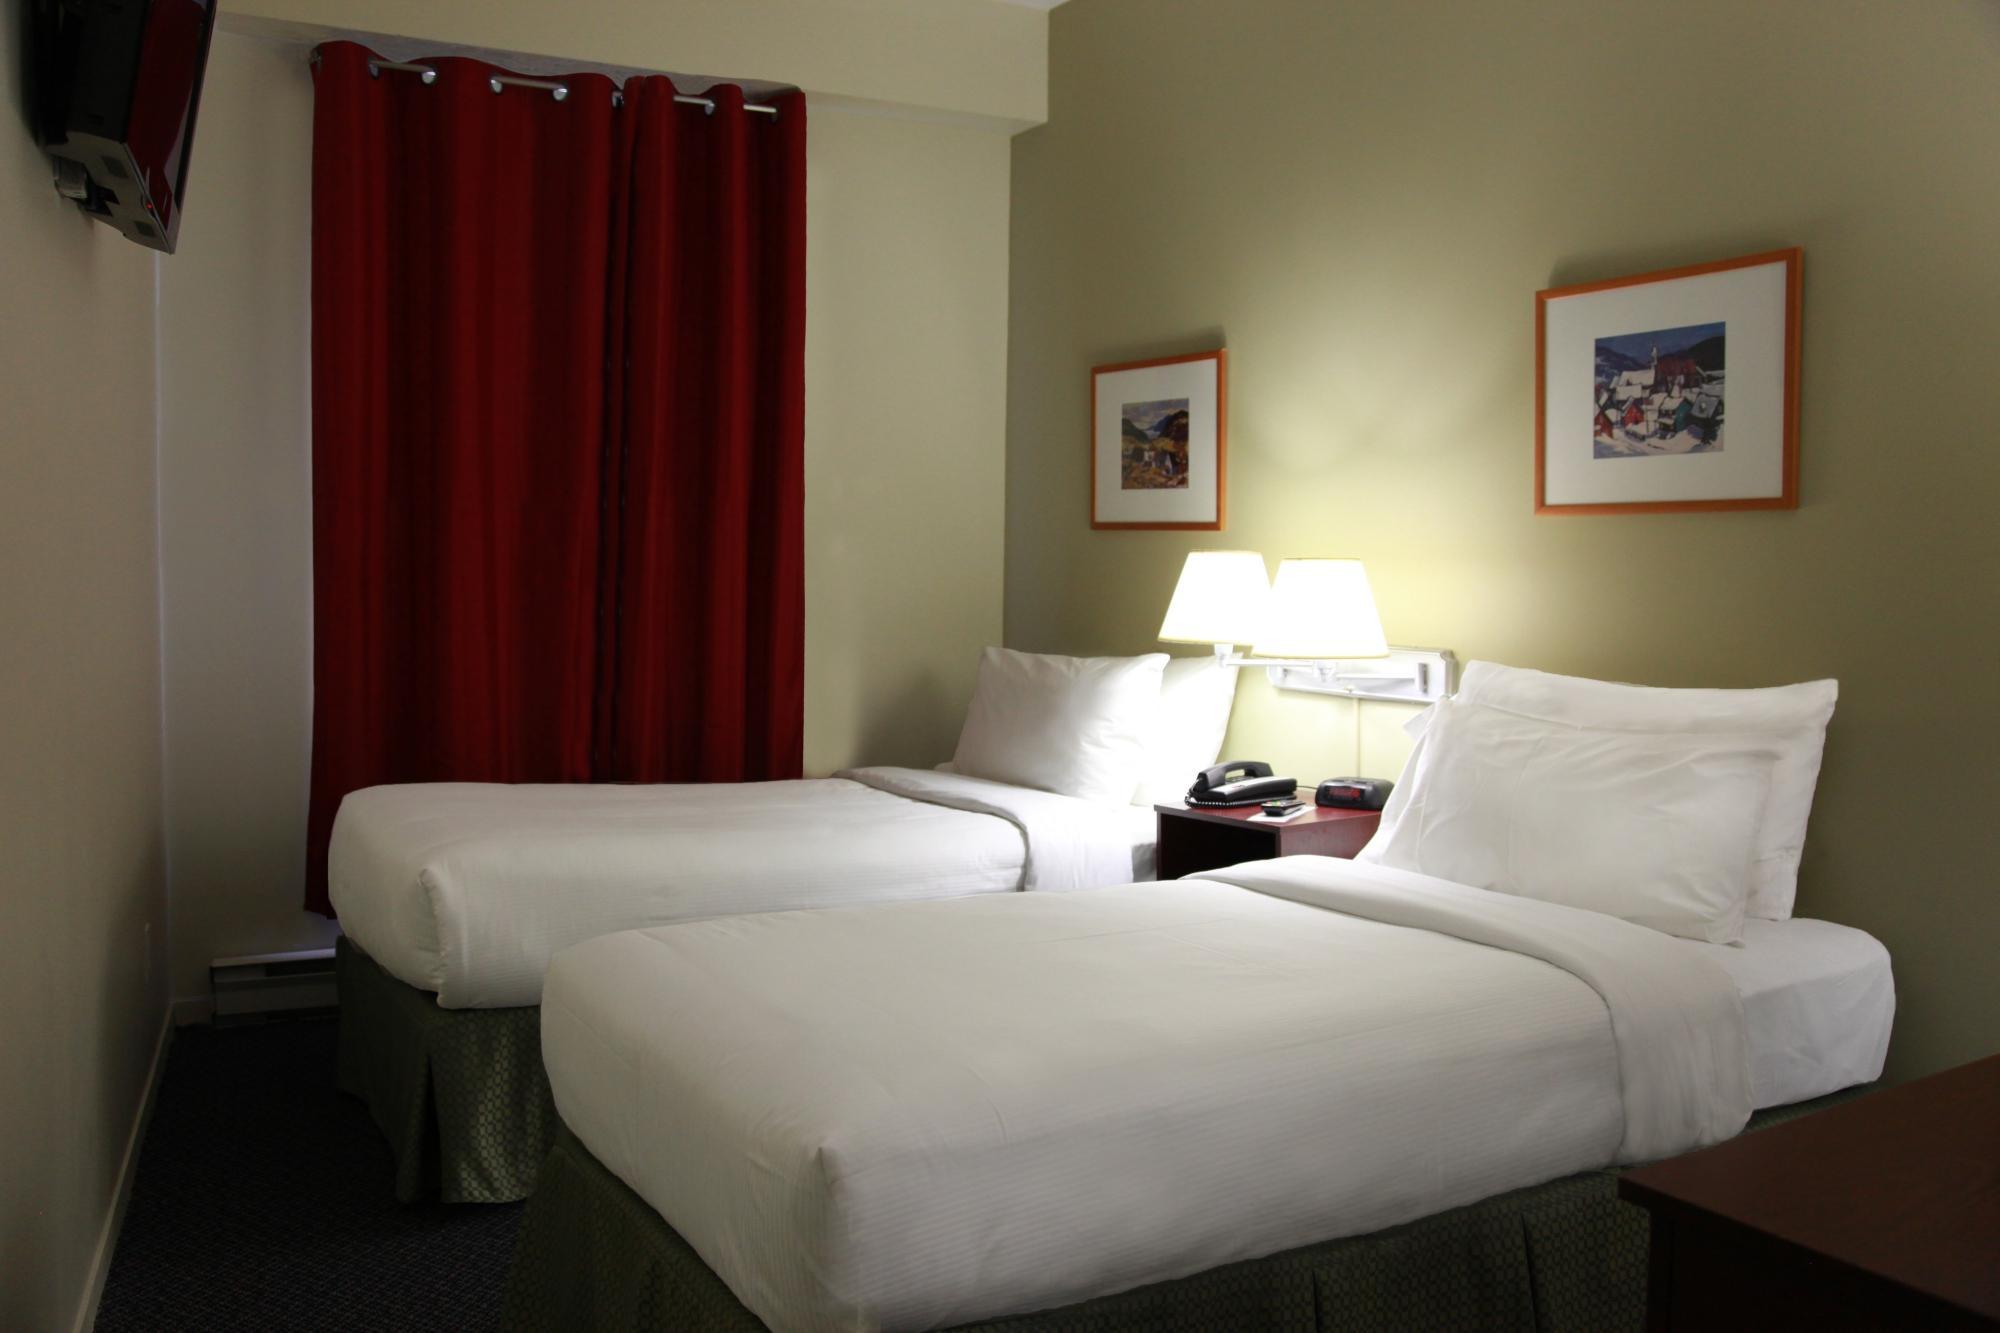 hotel-du-nord-6.jpg